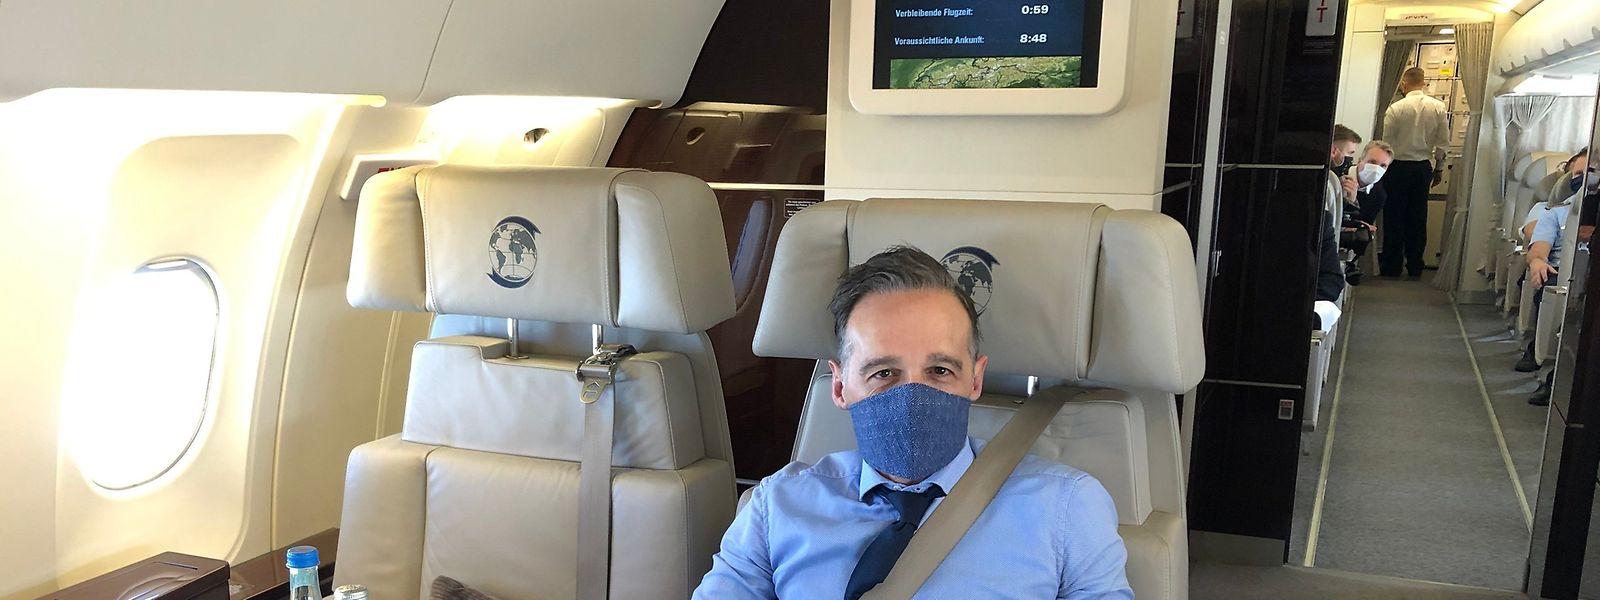 Bundesaußenminister Heiko Maas (SPD) im Regierungsflugzeug, das am Samstag in Luxemburg landen soll.